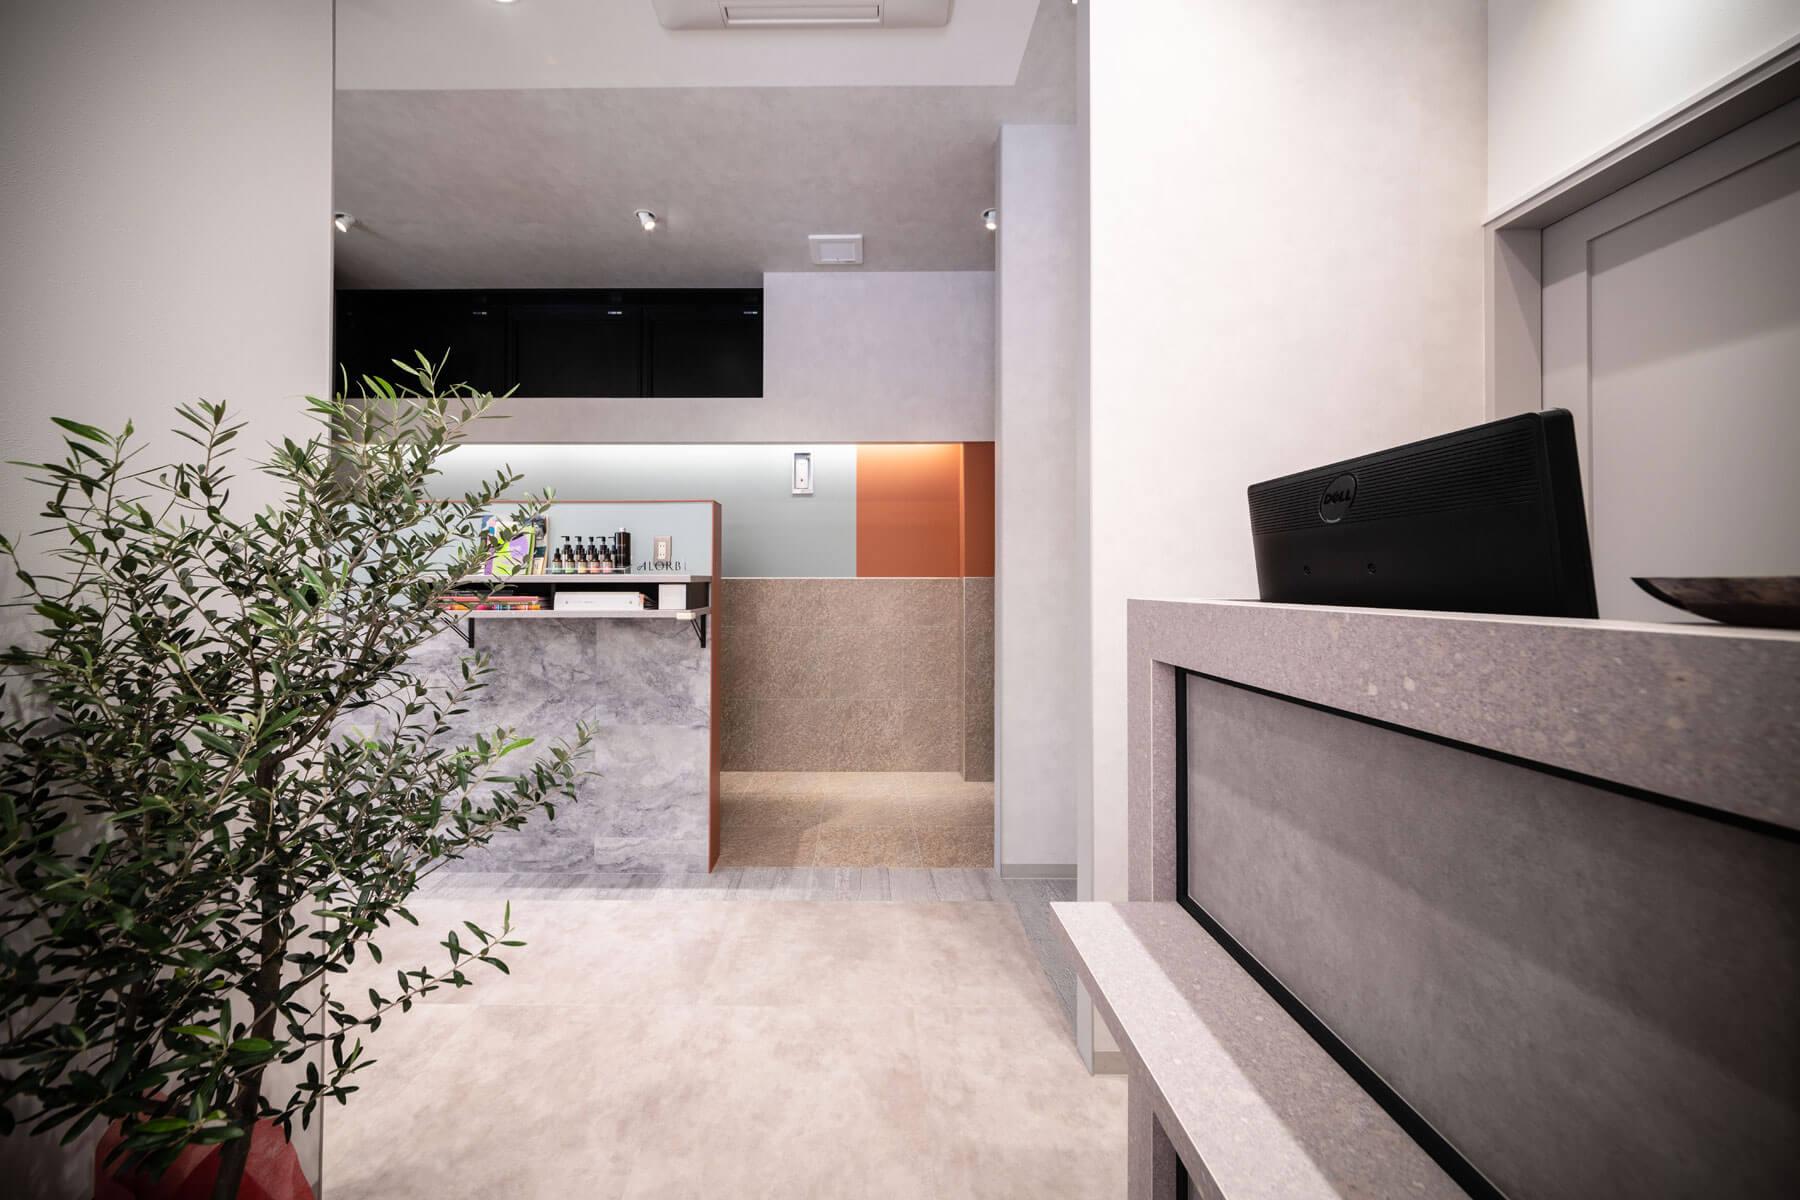 SHAMPOOBOY kashii Atelier/Fukuoka